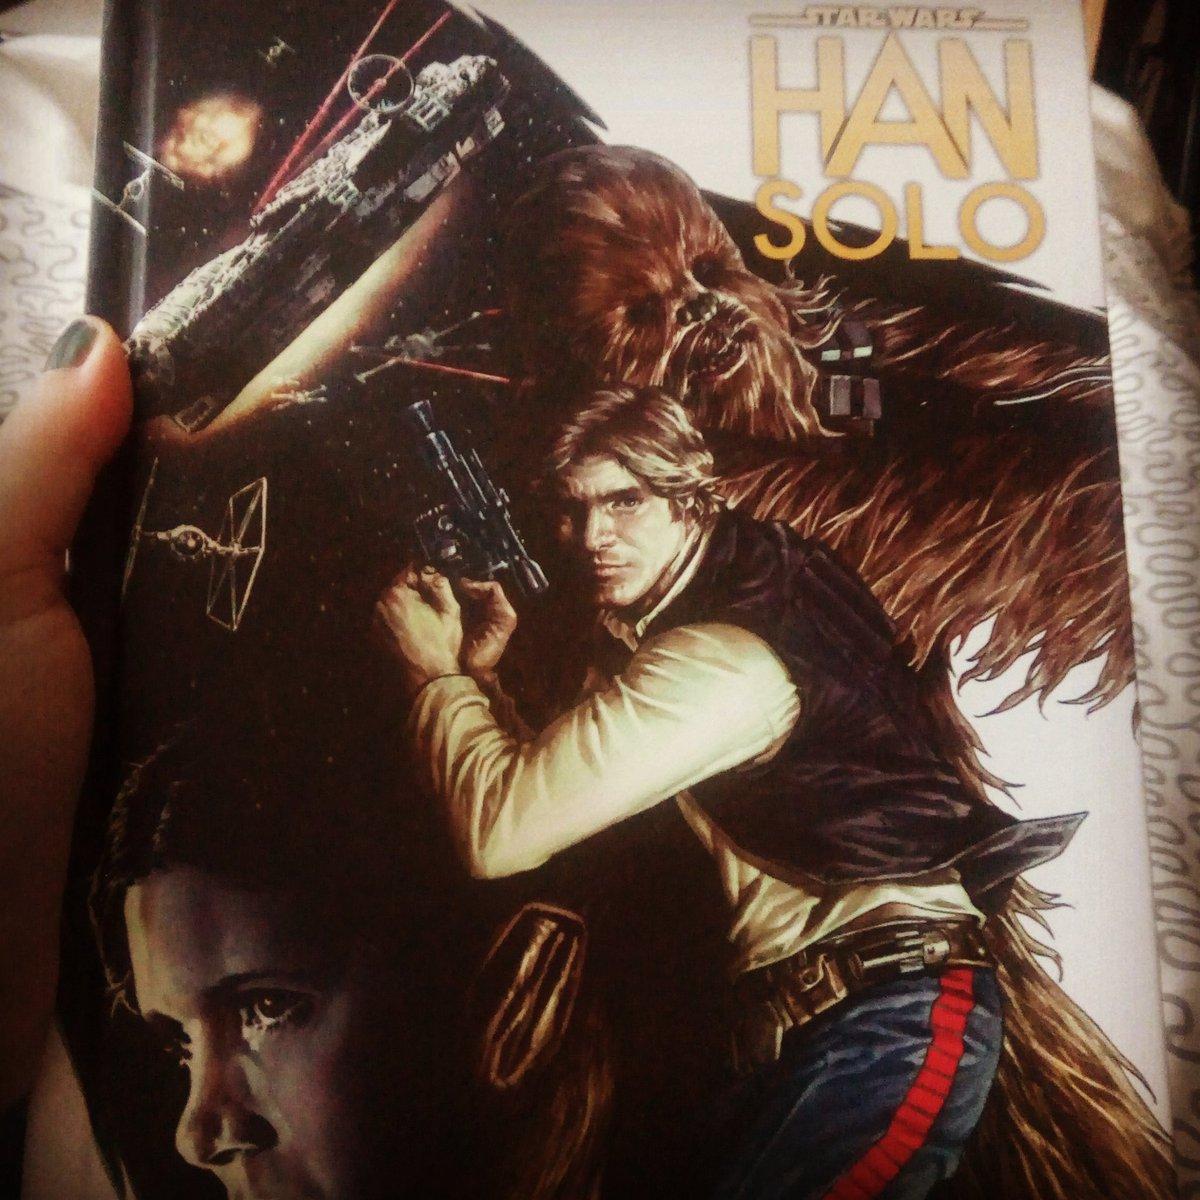 Excellente lecture que ce #hansolo un titre plein d action avec un beau dessin et surtout han solo  <br>http://pic.twitter.com/eMgJtimTLX